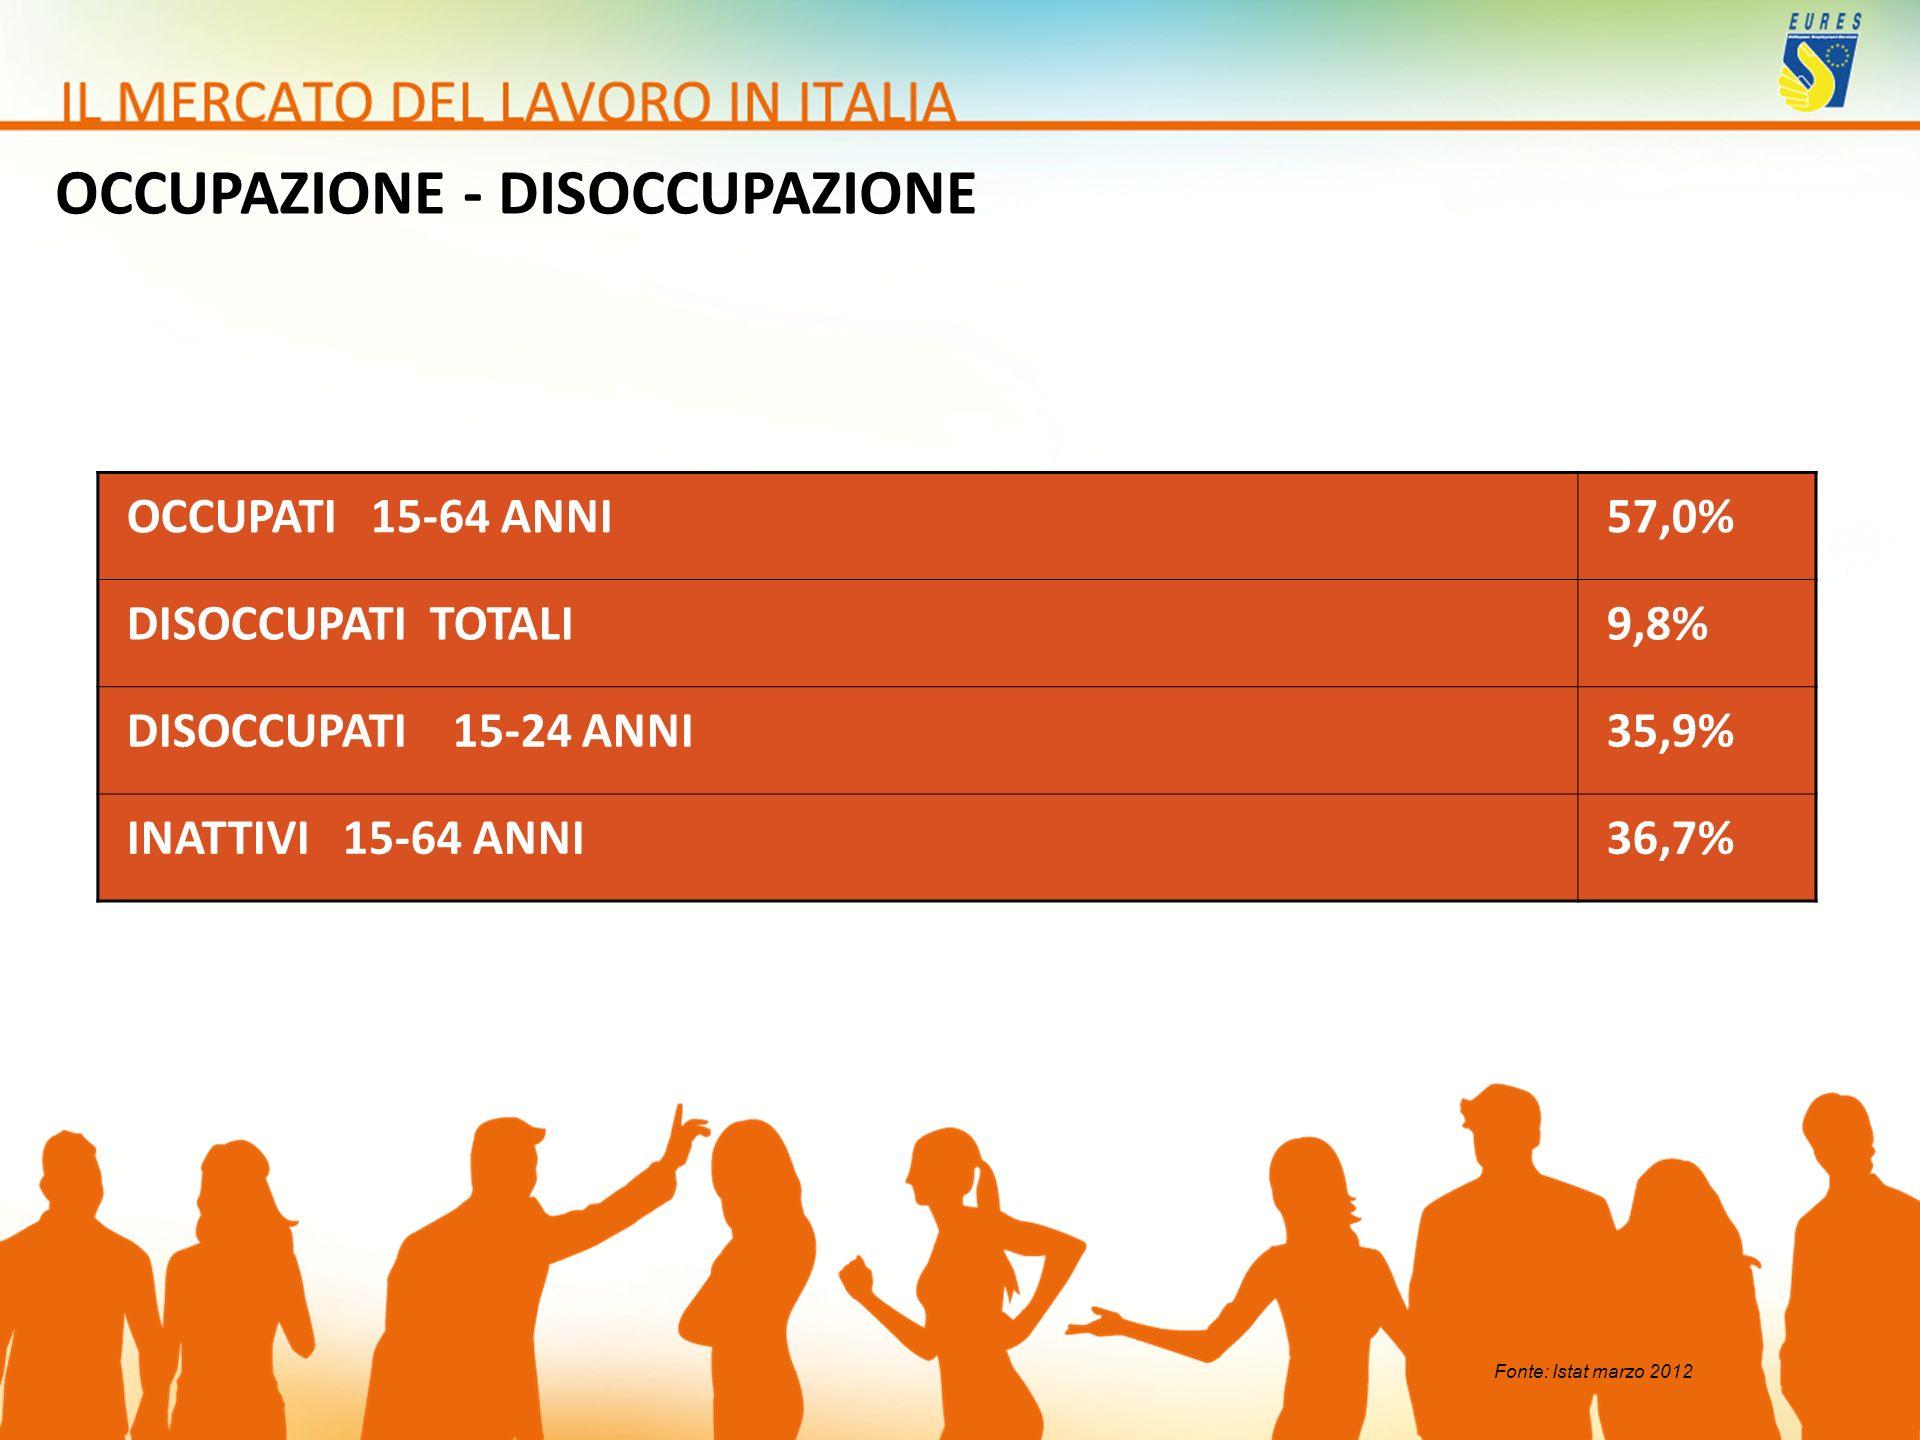 OCCUPATI 15-64 ANNI57,0% DISOCCUPATI TOTALI9,8% DISOCCUPATI 15-24 ANNI35,9% INATTIVI 15-64 ANNI36,7% OCCUPAZIONE - DISOCCUPAZIONE Fonte: Istat marzo 2